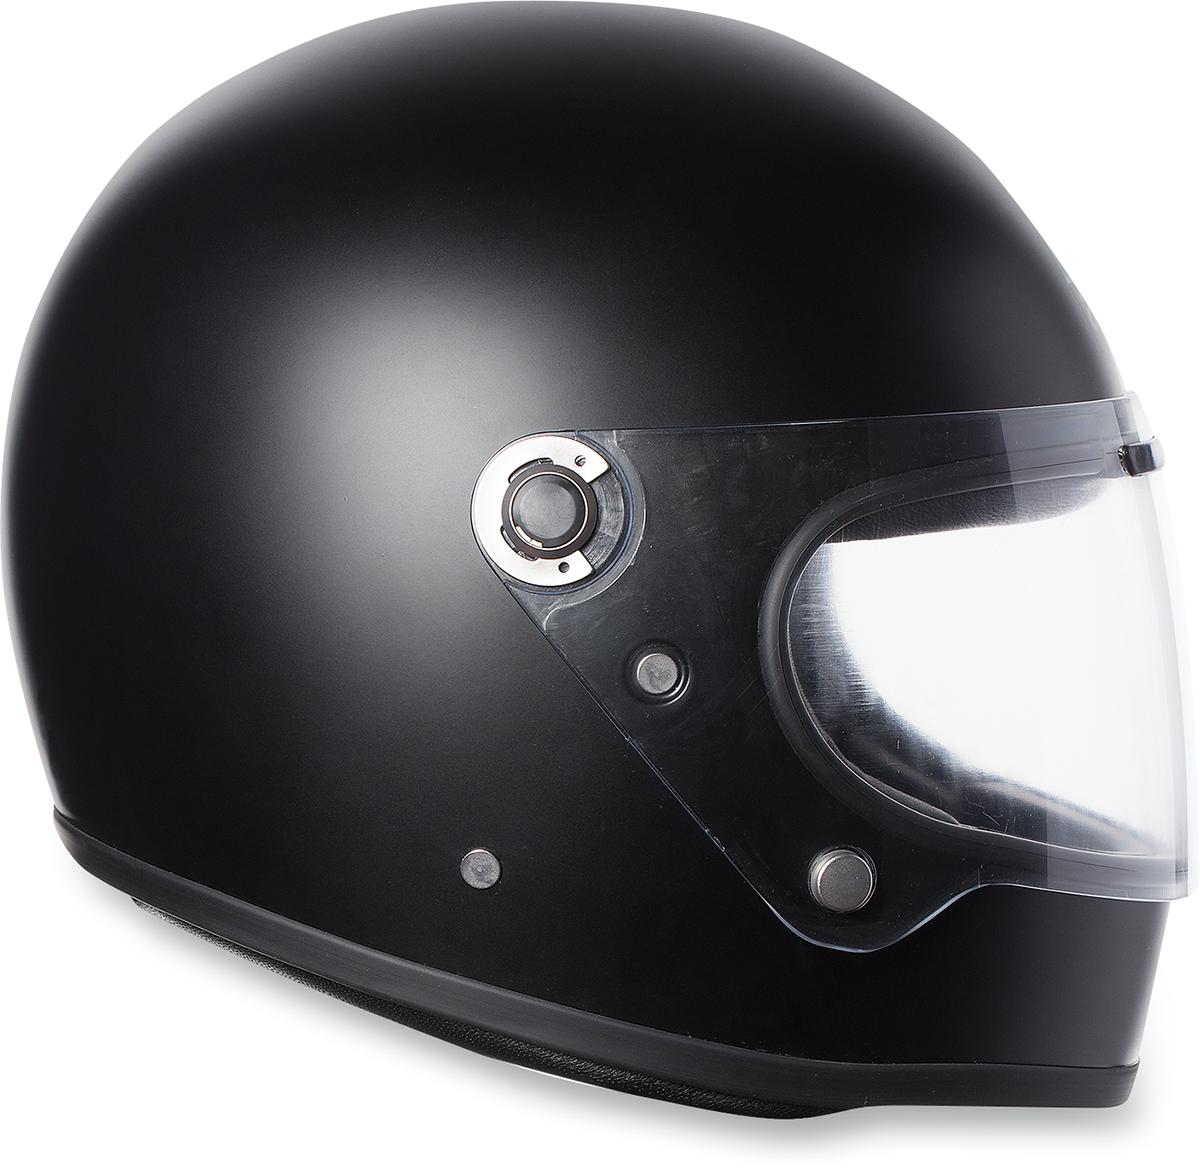 Legends X3000 Full Face Helmet